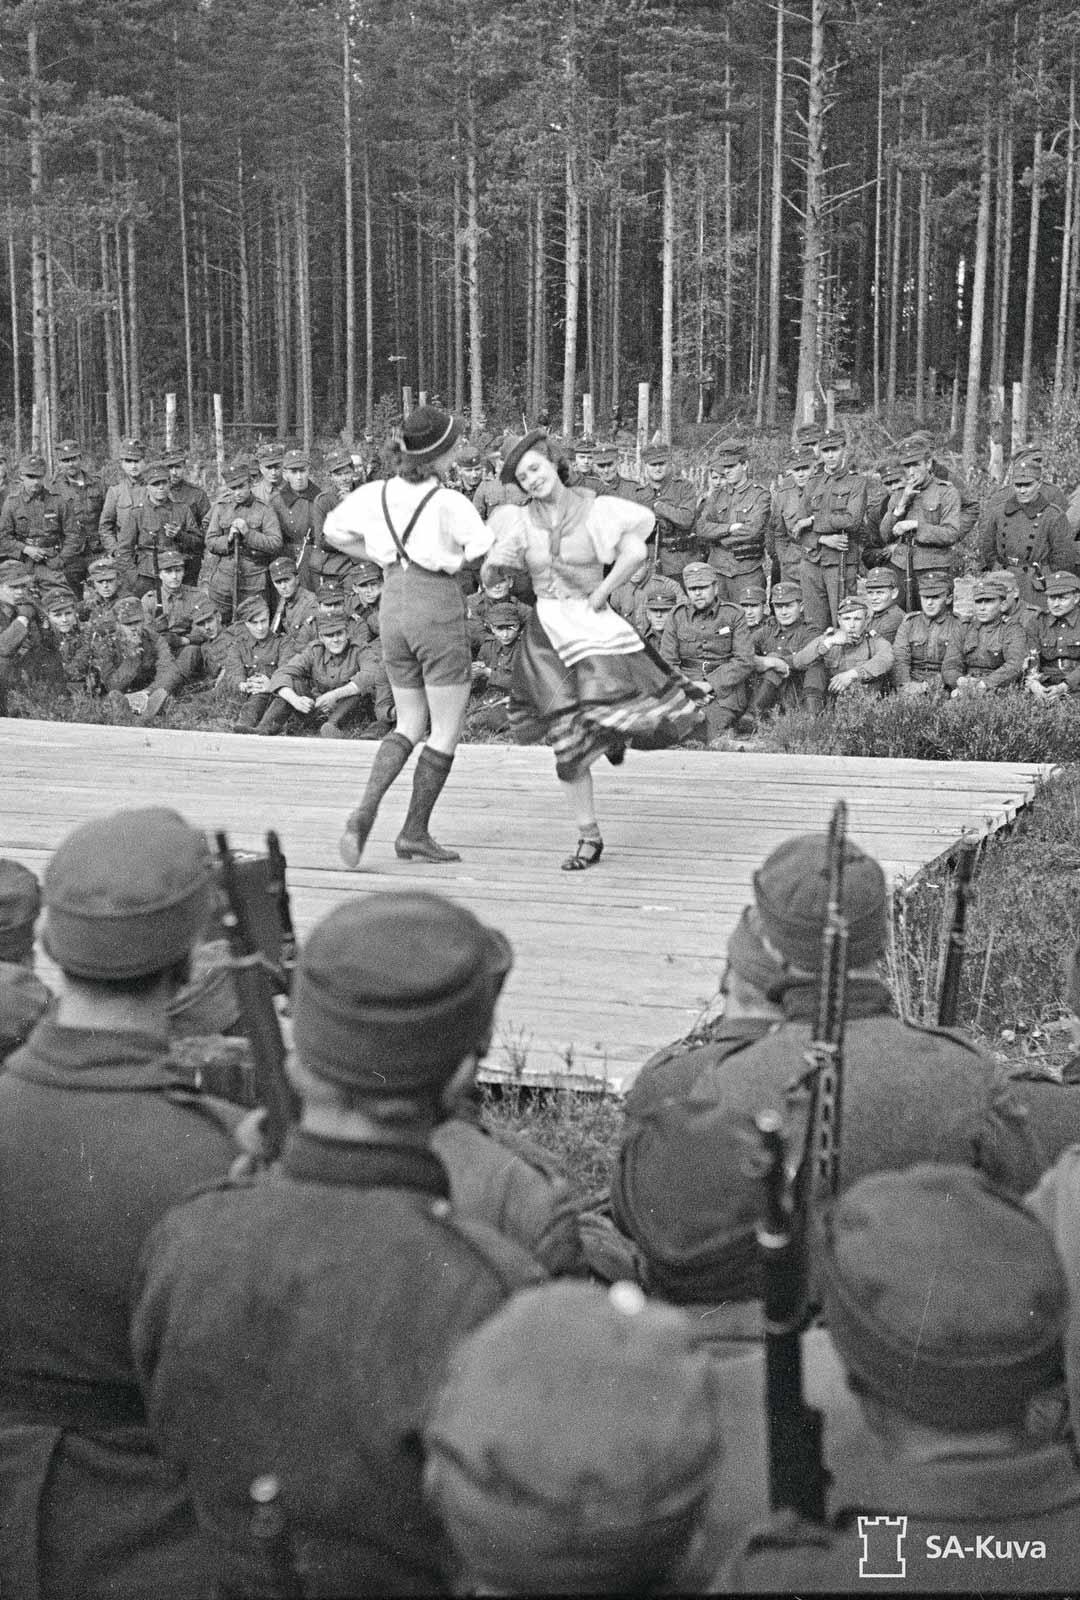 Näytösluontoinen tanssi oli hyväksyttävää huvia. Tässä sotilaita viihdytetään Joutselässä 27.9.1941.